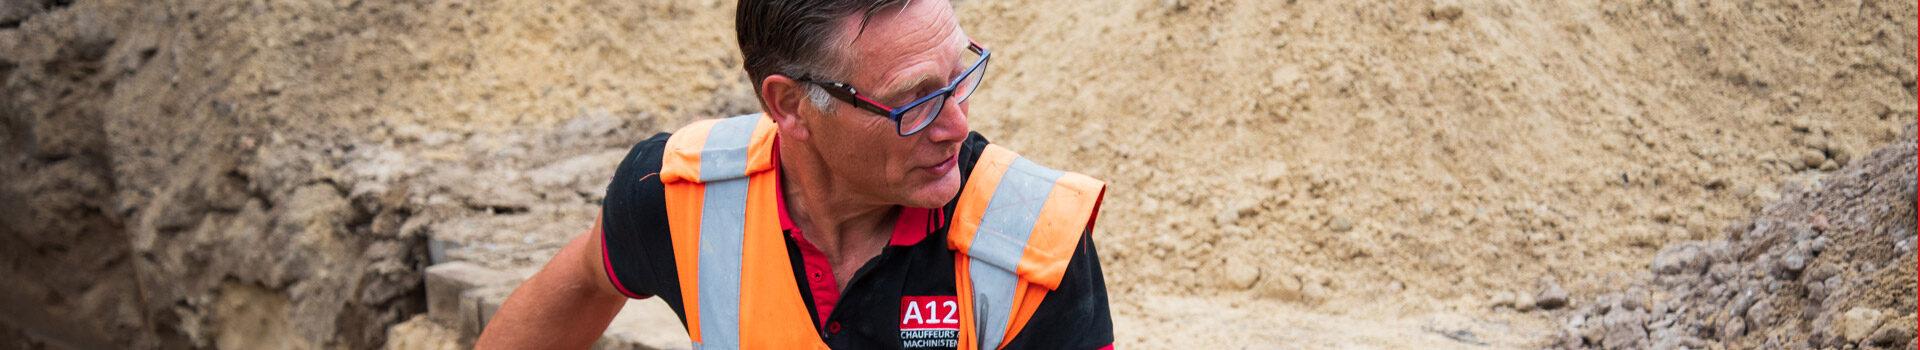 A12-Personeelsdiensten_gww-vacatures